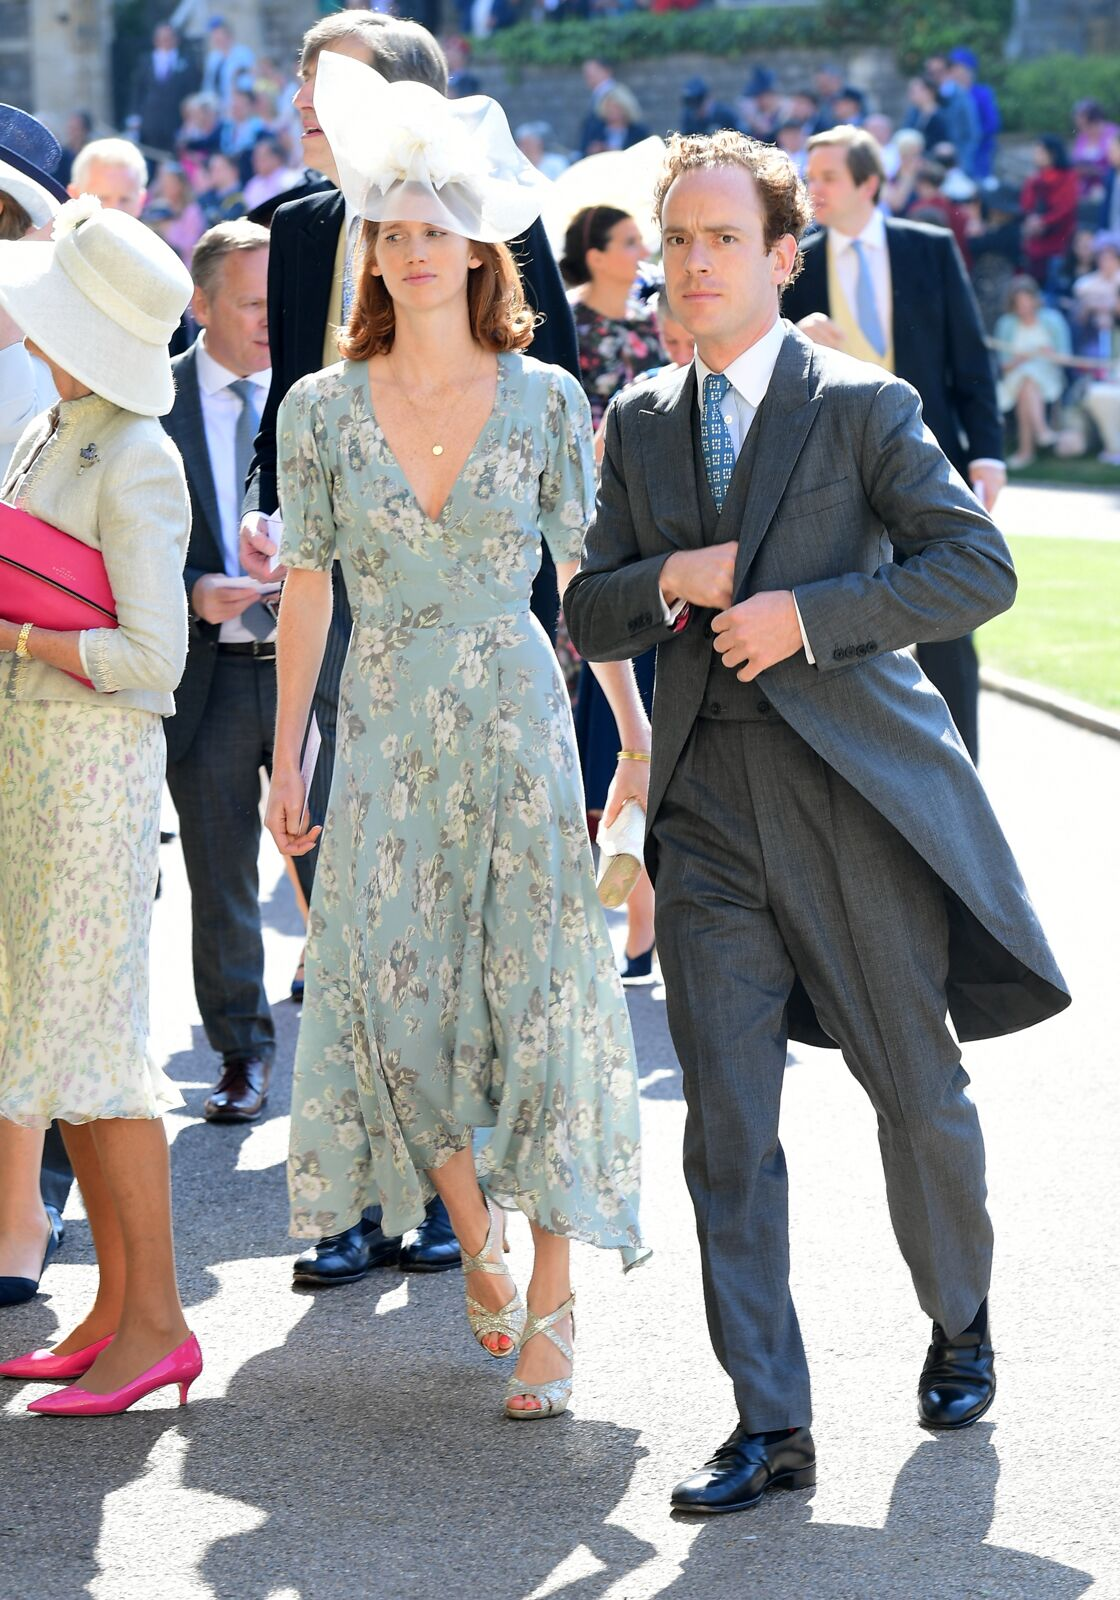 Invités au mariage d'Harry et Meghan, Tom Inskip et son épouse n'étaient cependant pas conviés à la réception qui s'est tenue dans la soirée